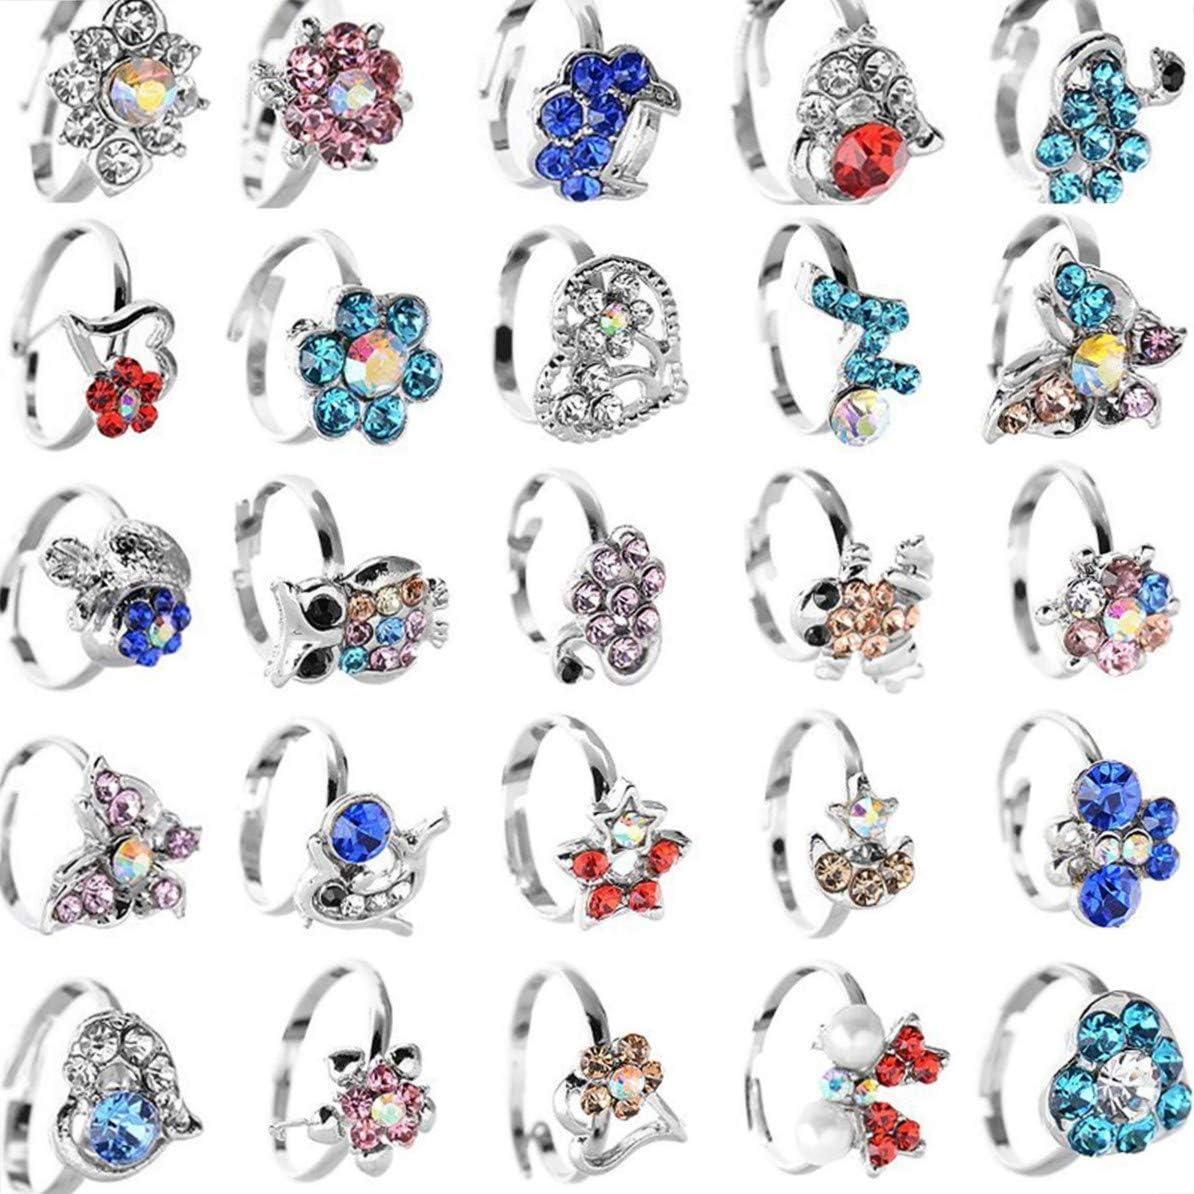 20 pcs Little Girls Ring Children Ring Kids Ring Cute Animal Flower Silver  Crystal Adjustable Rings Birthday Gift for Kids Children Girls:  Amazon.co.uk: Jewellery